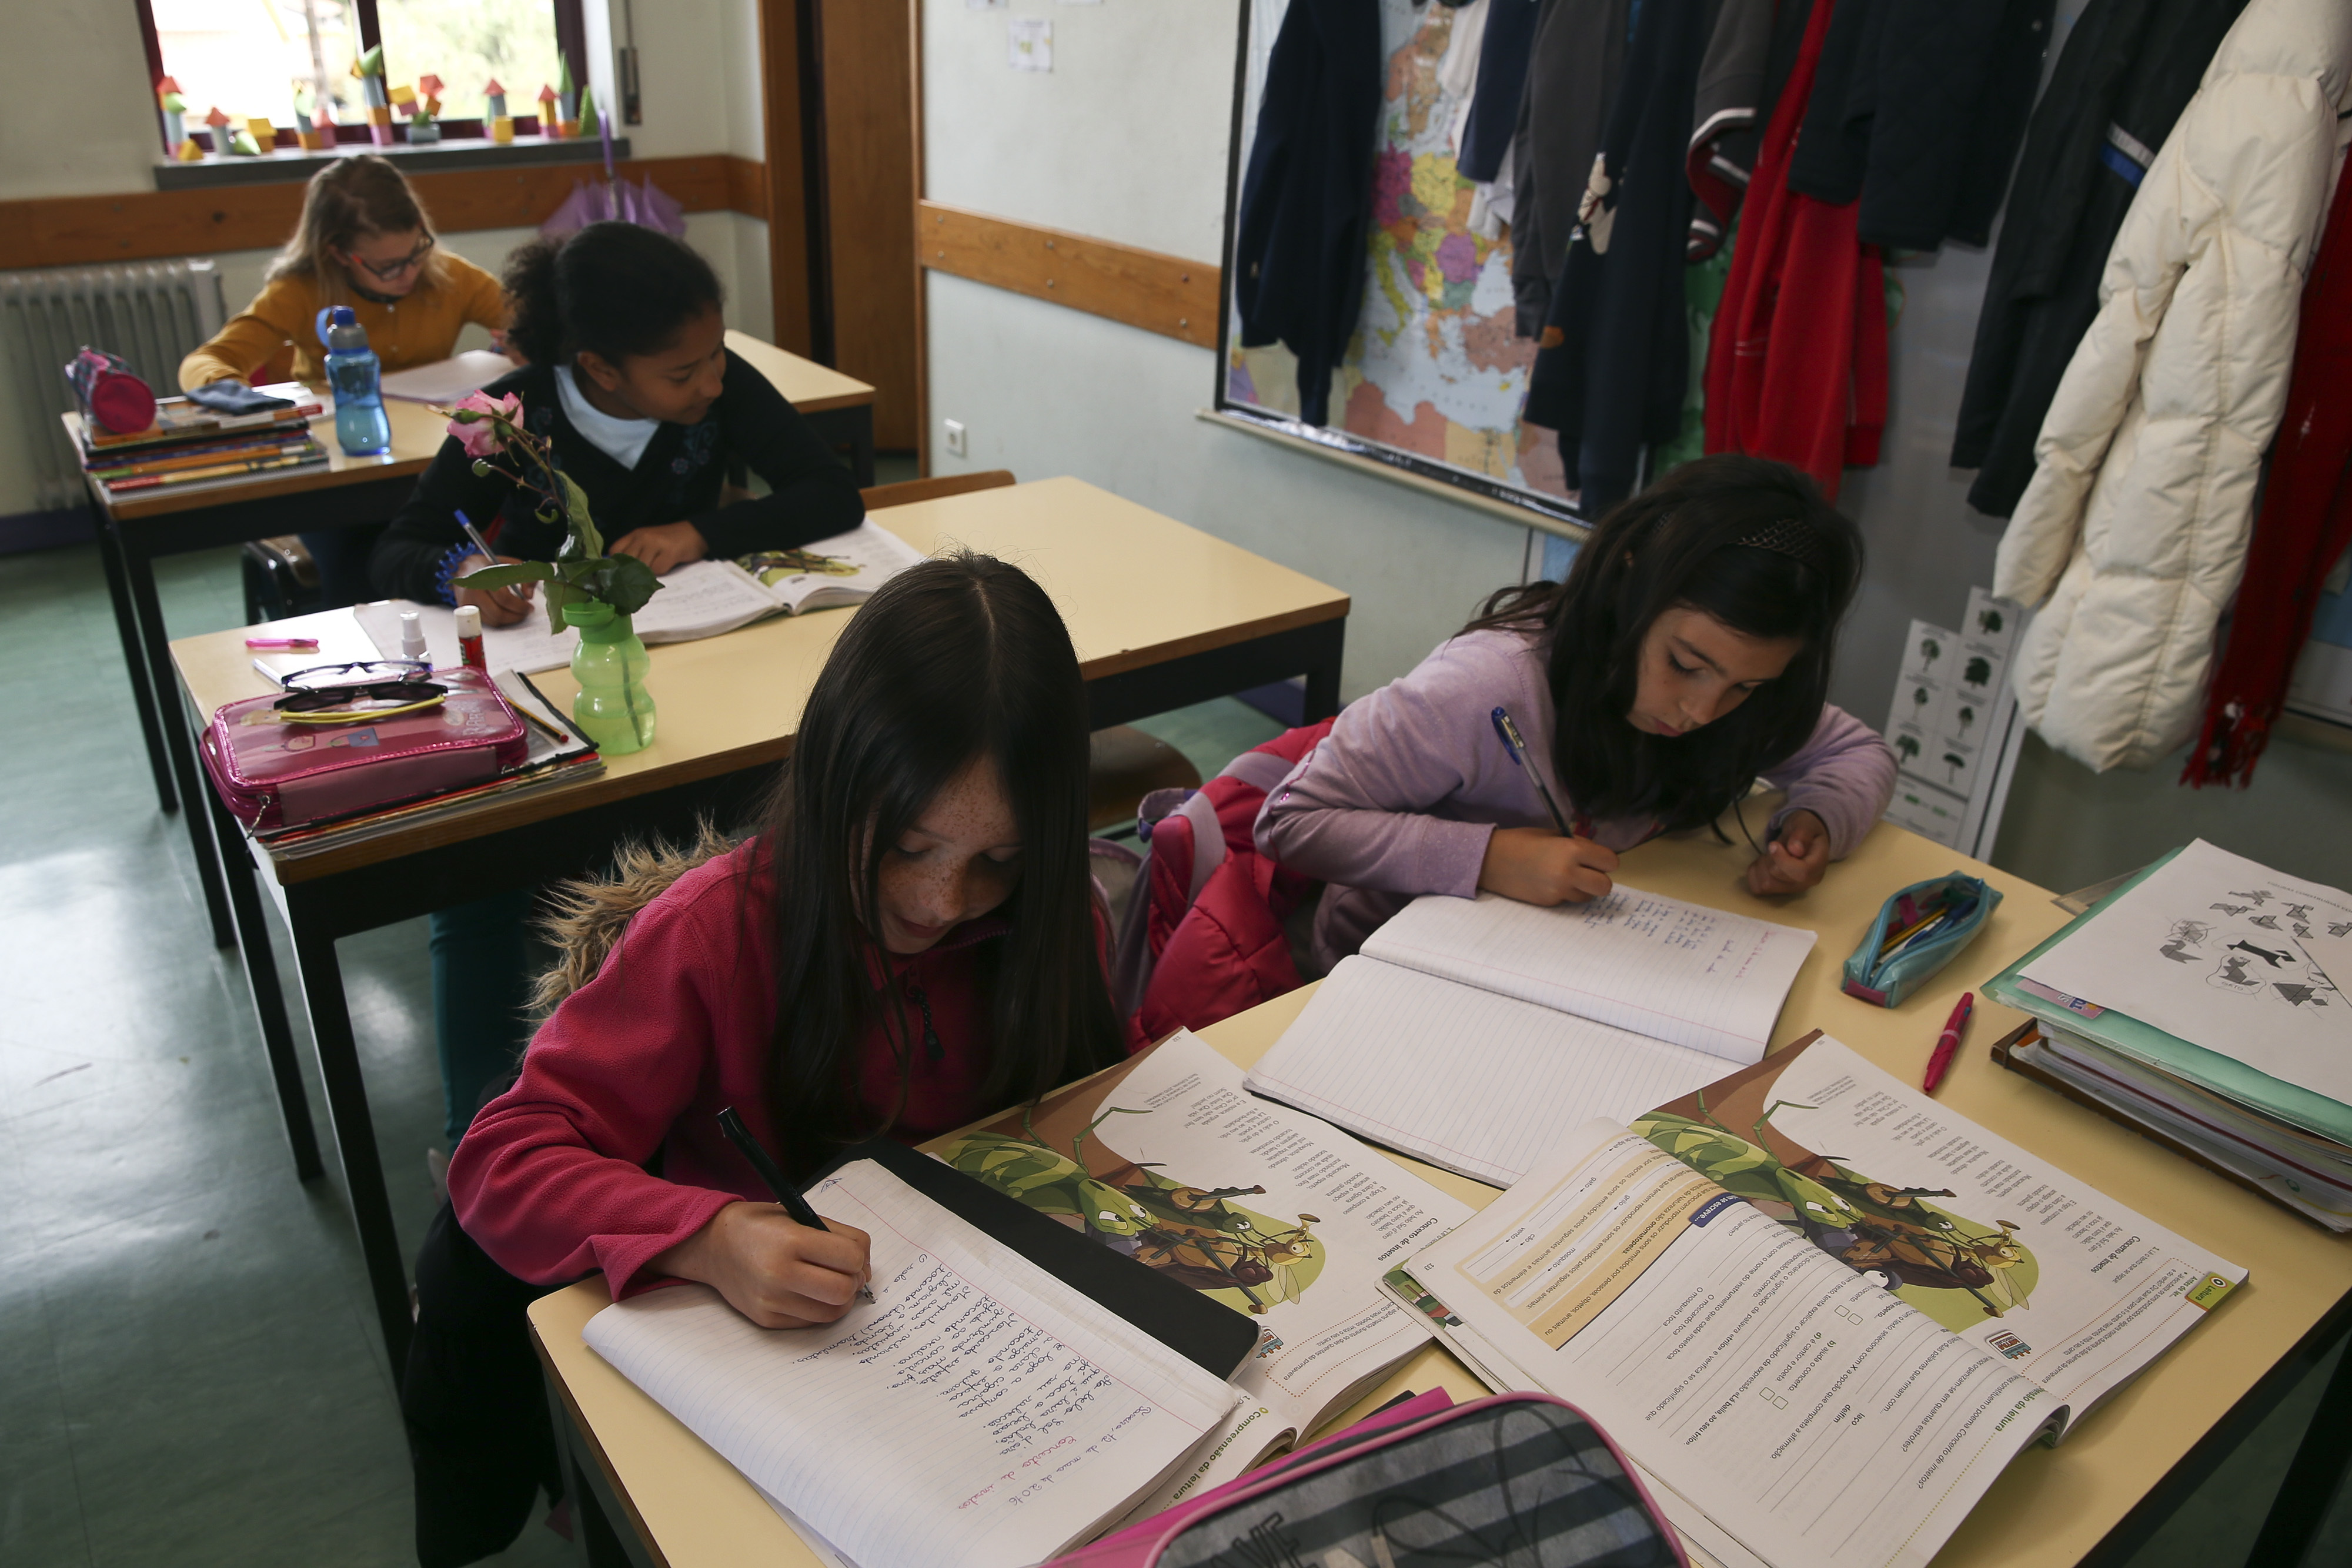 Associação da diáspora discute ensino do português e angaria apoios financeiros em Portugal